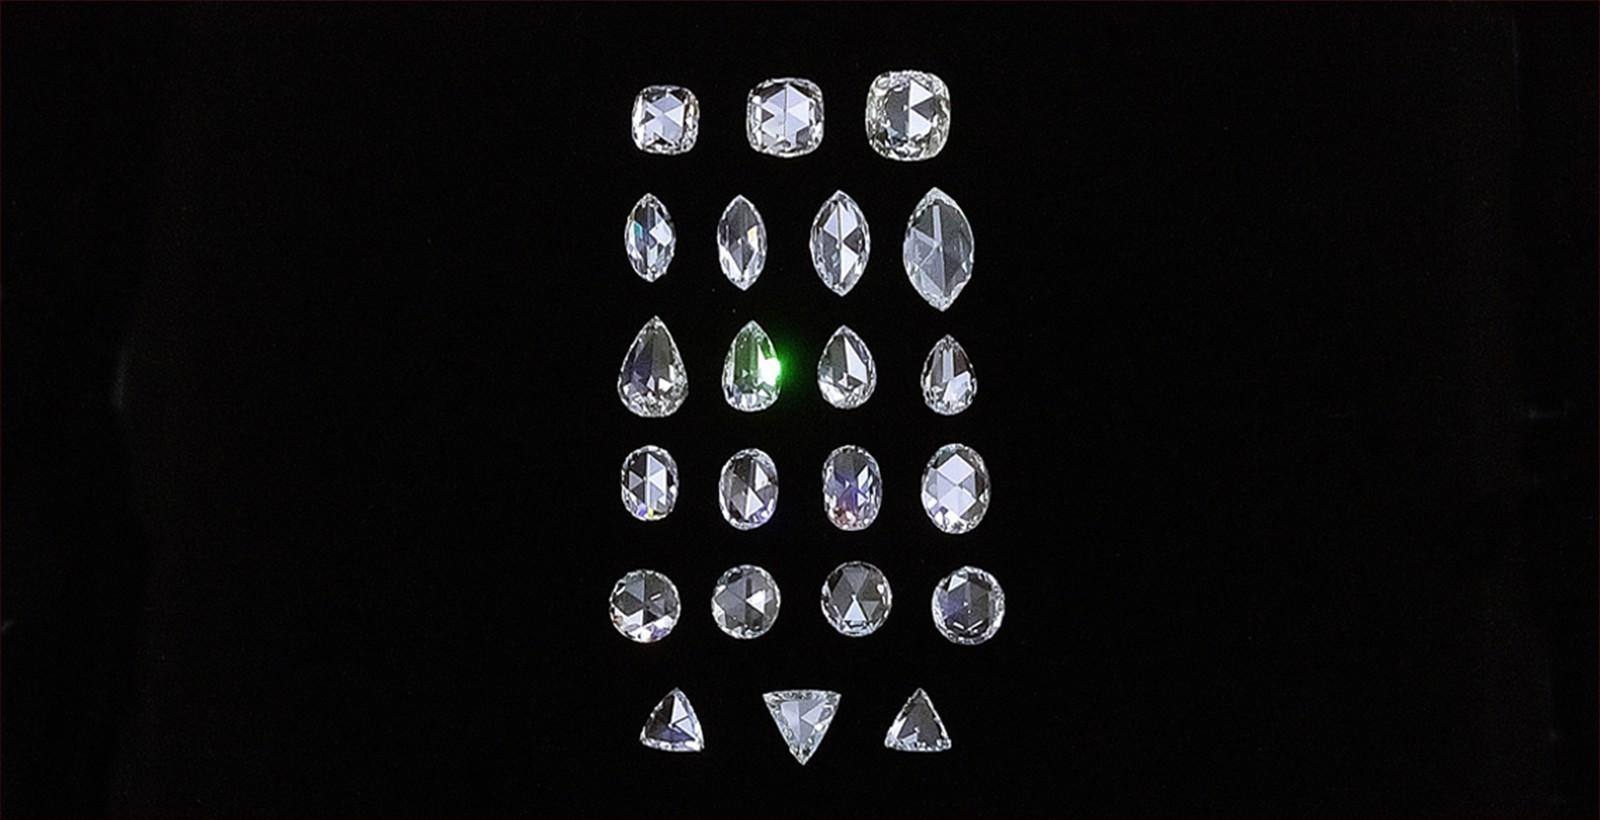 玫瑰切割鑽石 <br /> <div> 圓形,馬眼形,蛋形,水滴形,三角形,心形,枕形 </div>